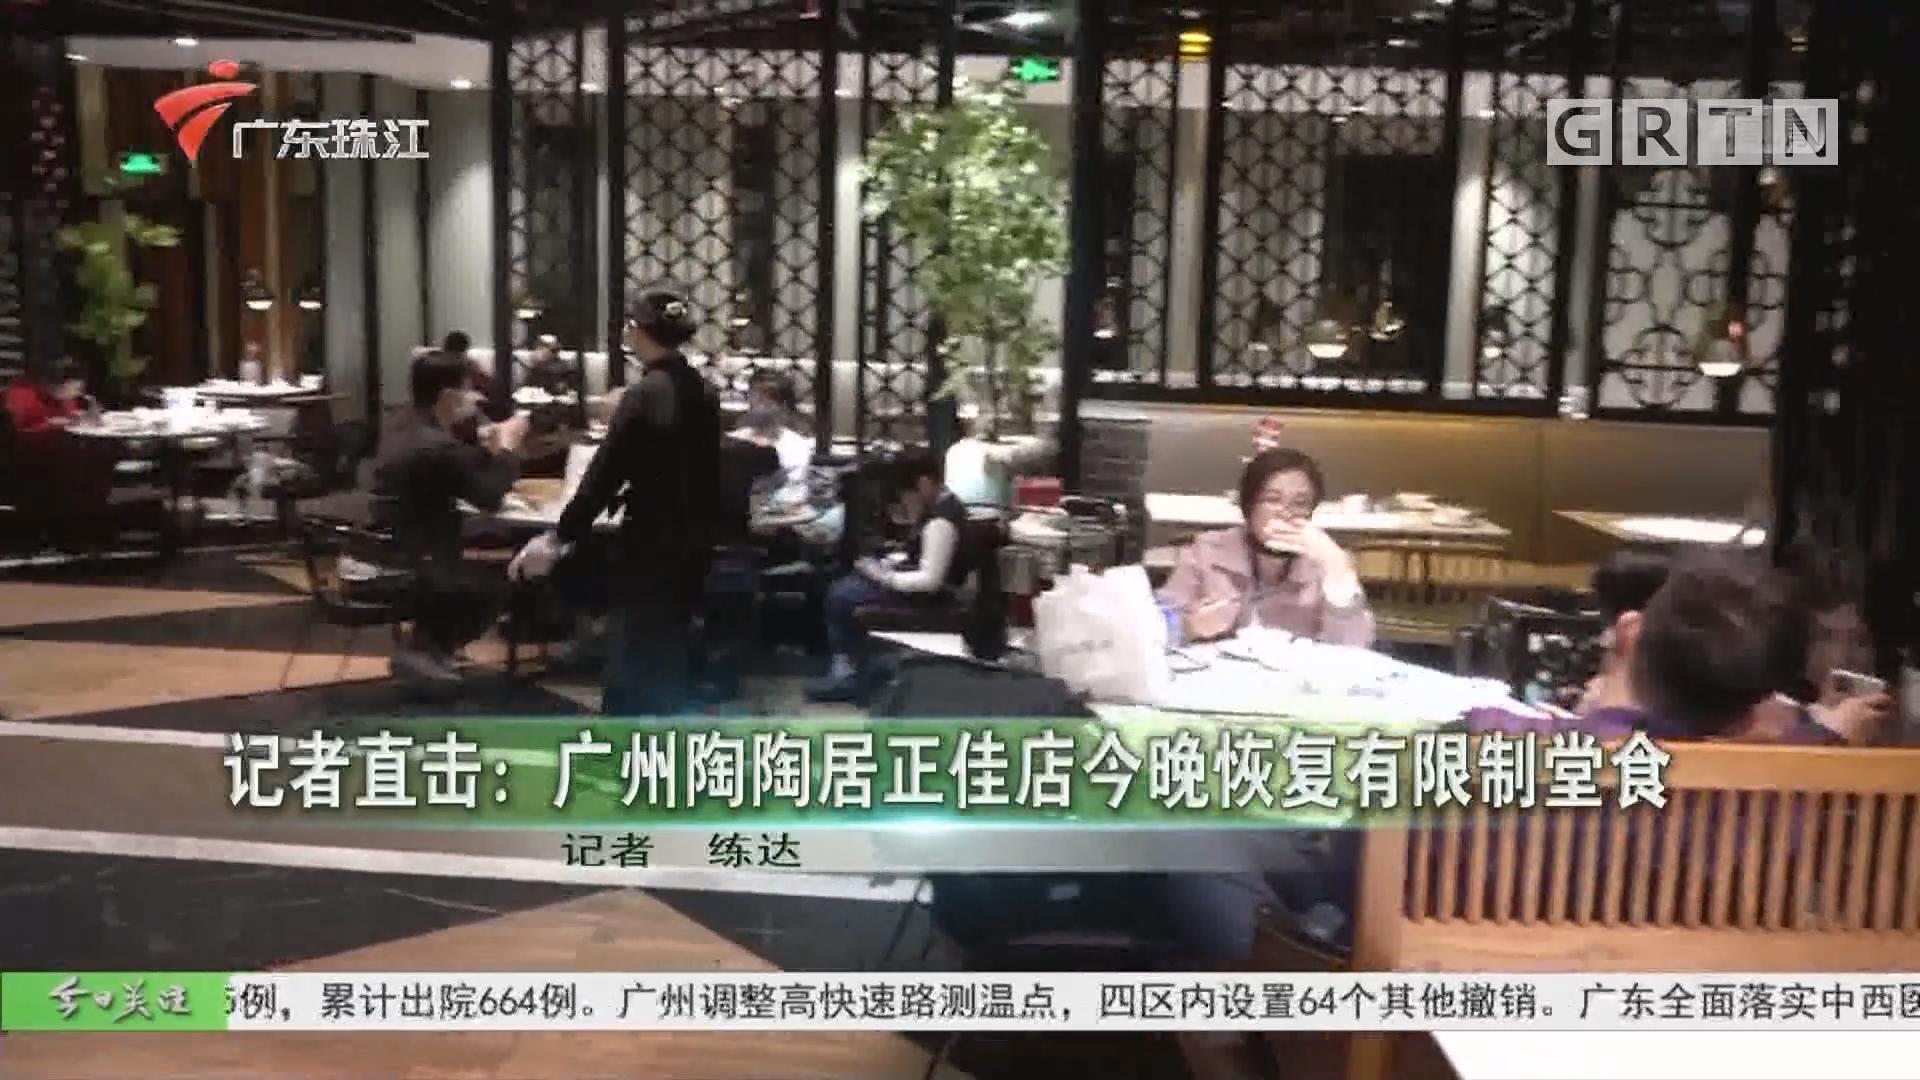 記者直擊:廣州陶陶居正佳店今晚恢復有限制堂食